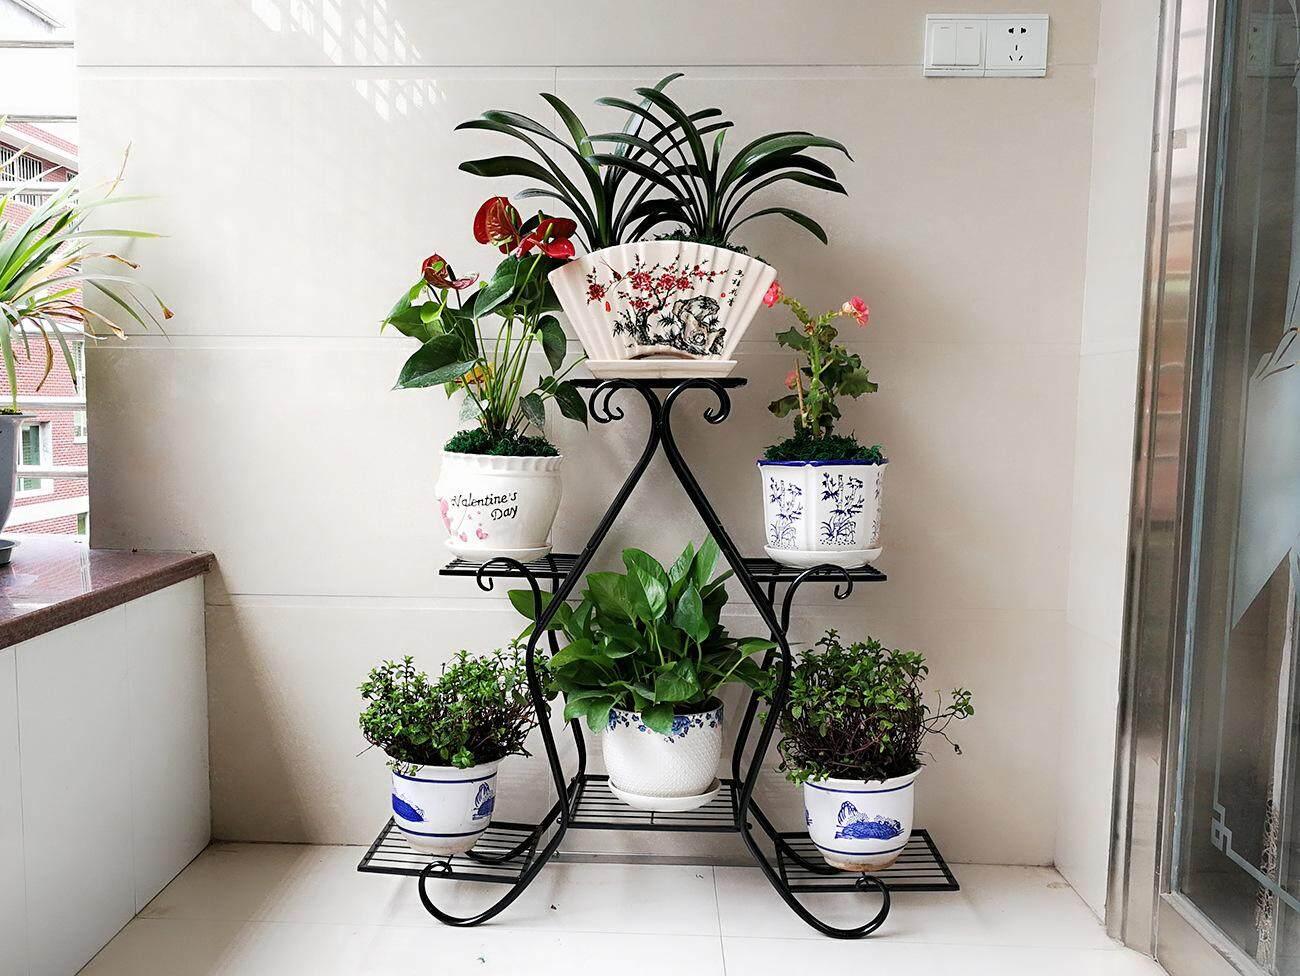 98 Contoh Desain Tempat Pot Bunga Dari Besi Yang Bisa Anda Tiru